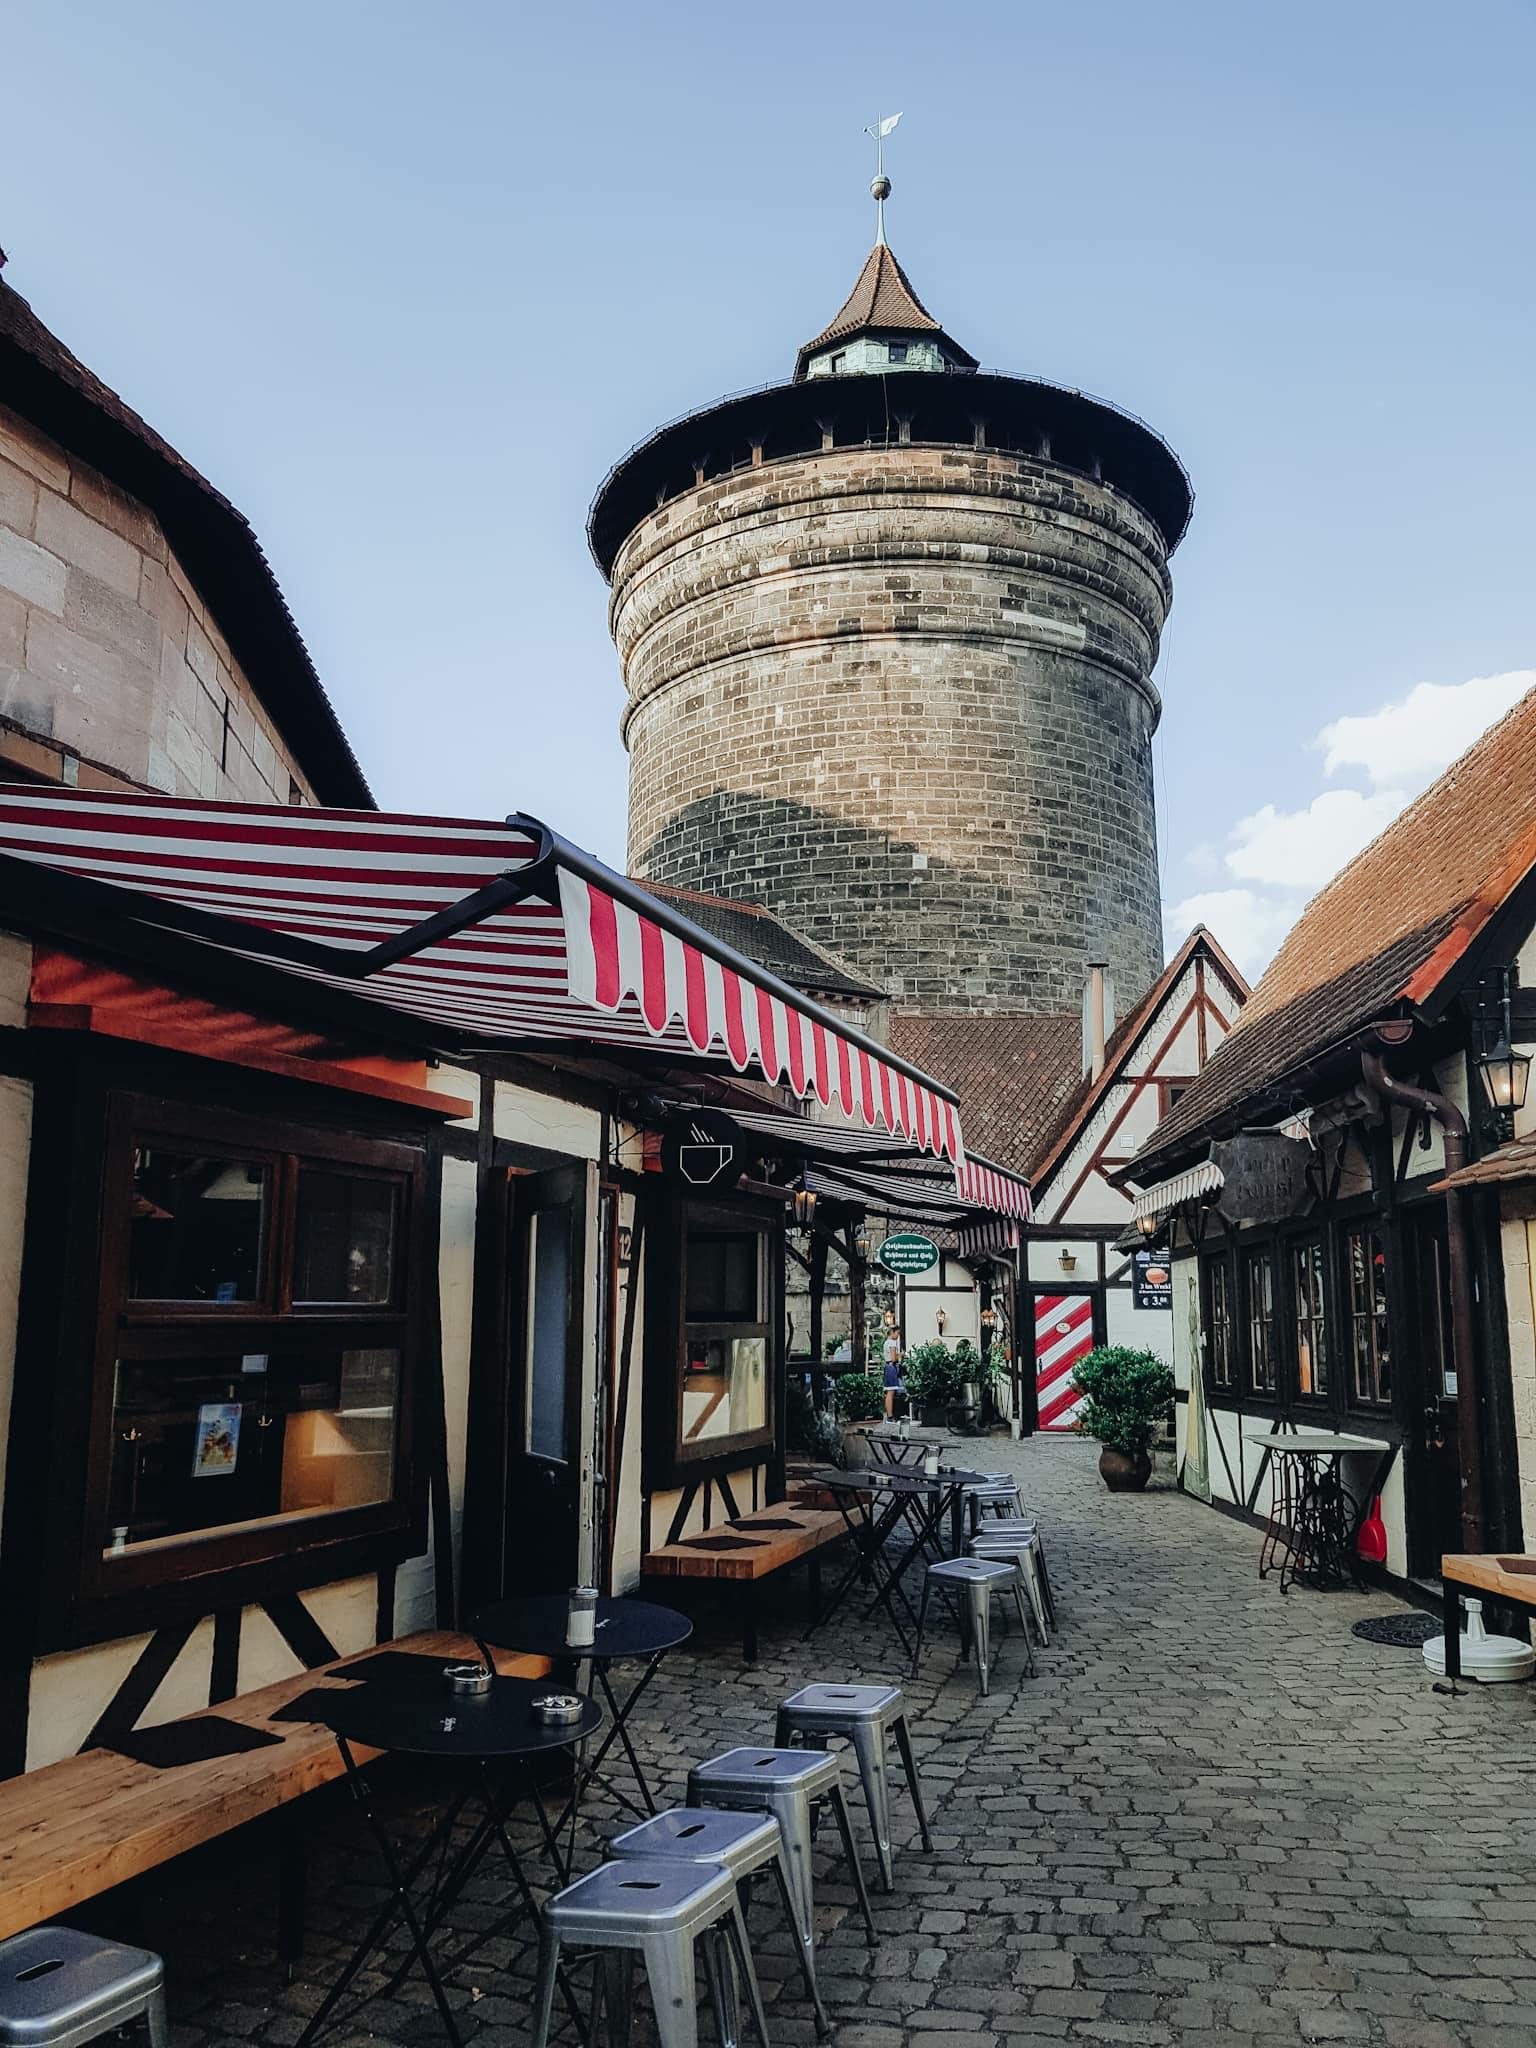 Nürnberg Sehenswürdigkeiten Handwerkerhof mit Turm und Café